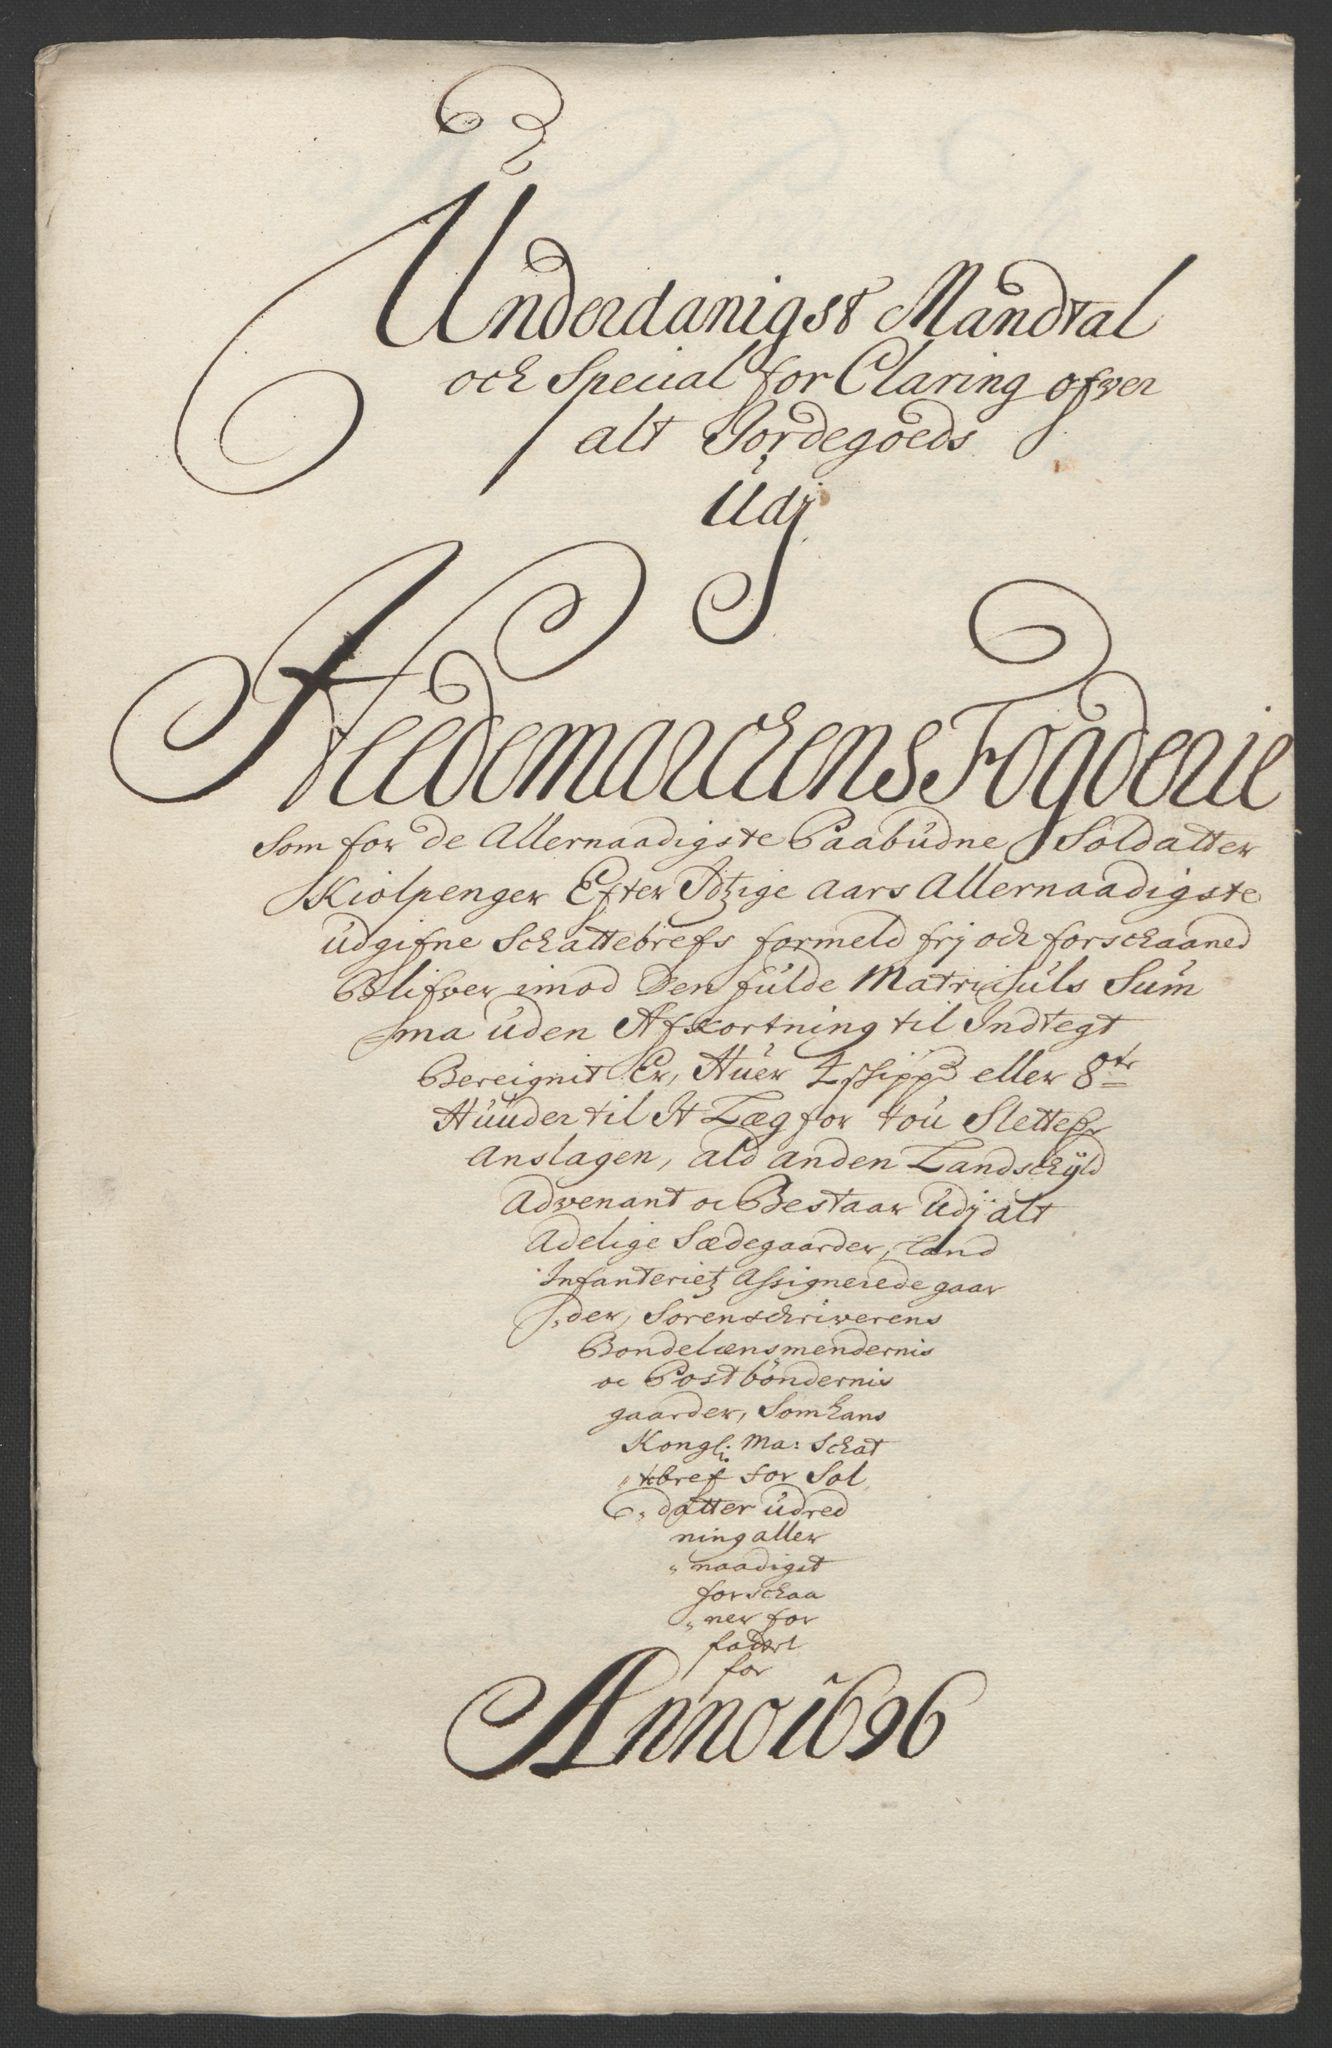 RA, Rentekammeret inntil 1814, Reviderte regnskaper, Fogderegnskap, R16/L1036: Fogderegnskap Hedmark, 1695-1696, s. 422